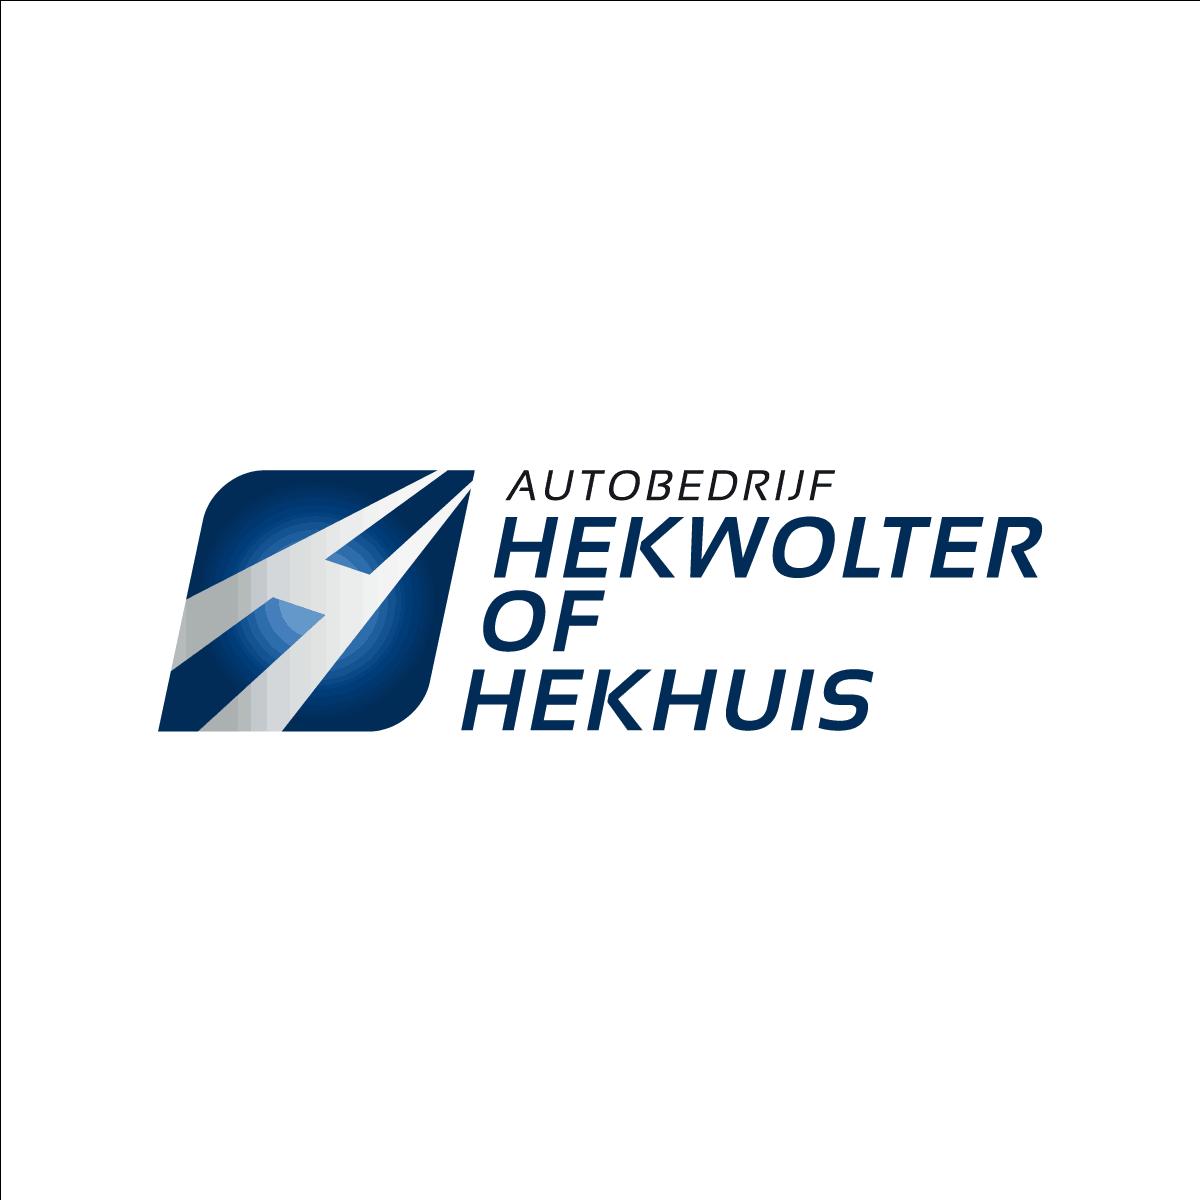 logo-ontwerp-auto-hekwolter-burobedenkt